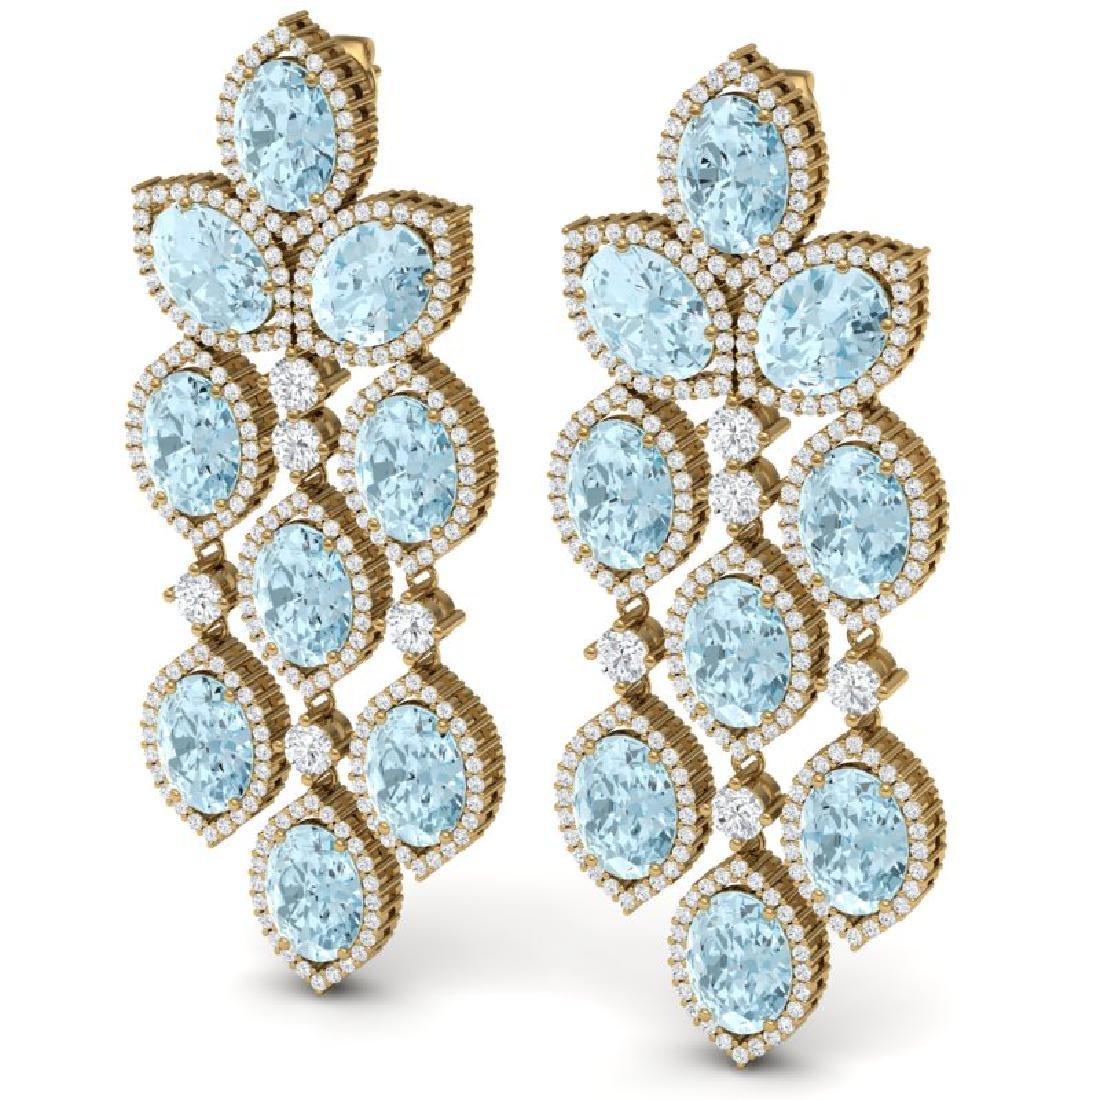 23.76 CTW Royalty Sky Topaz & VS Diamond Earrings 18K - 2